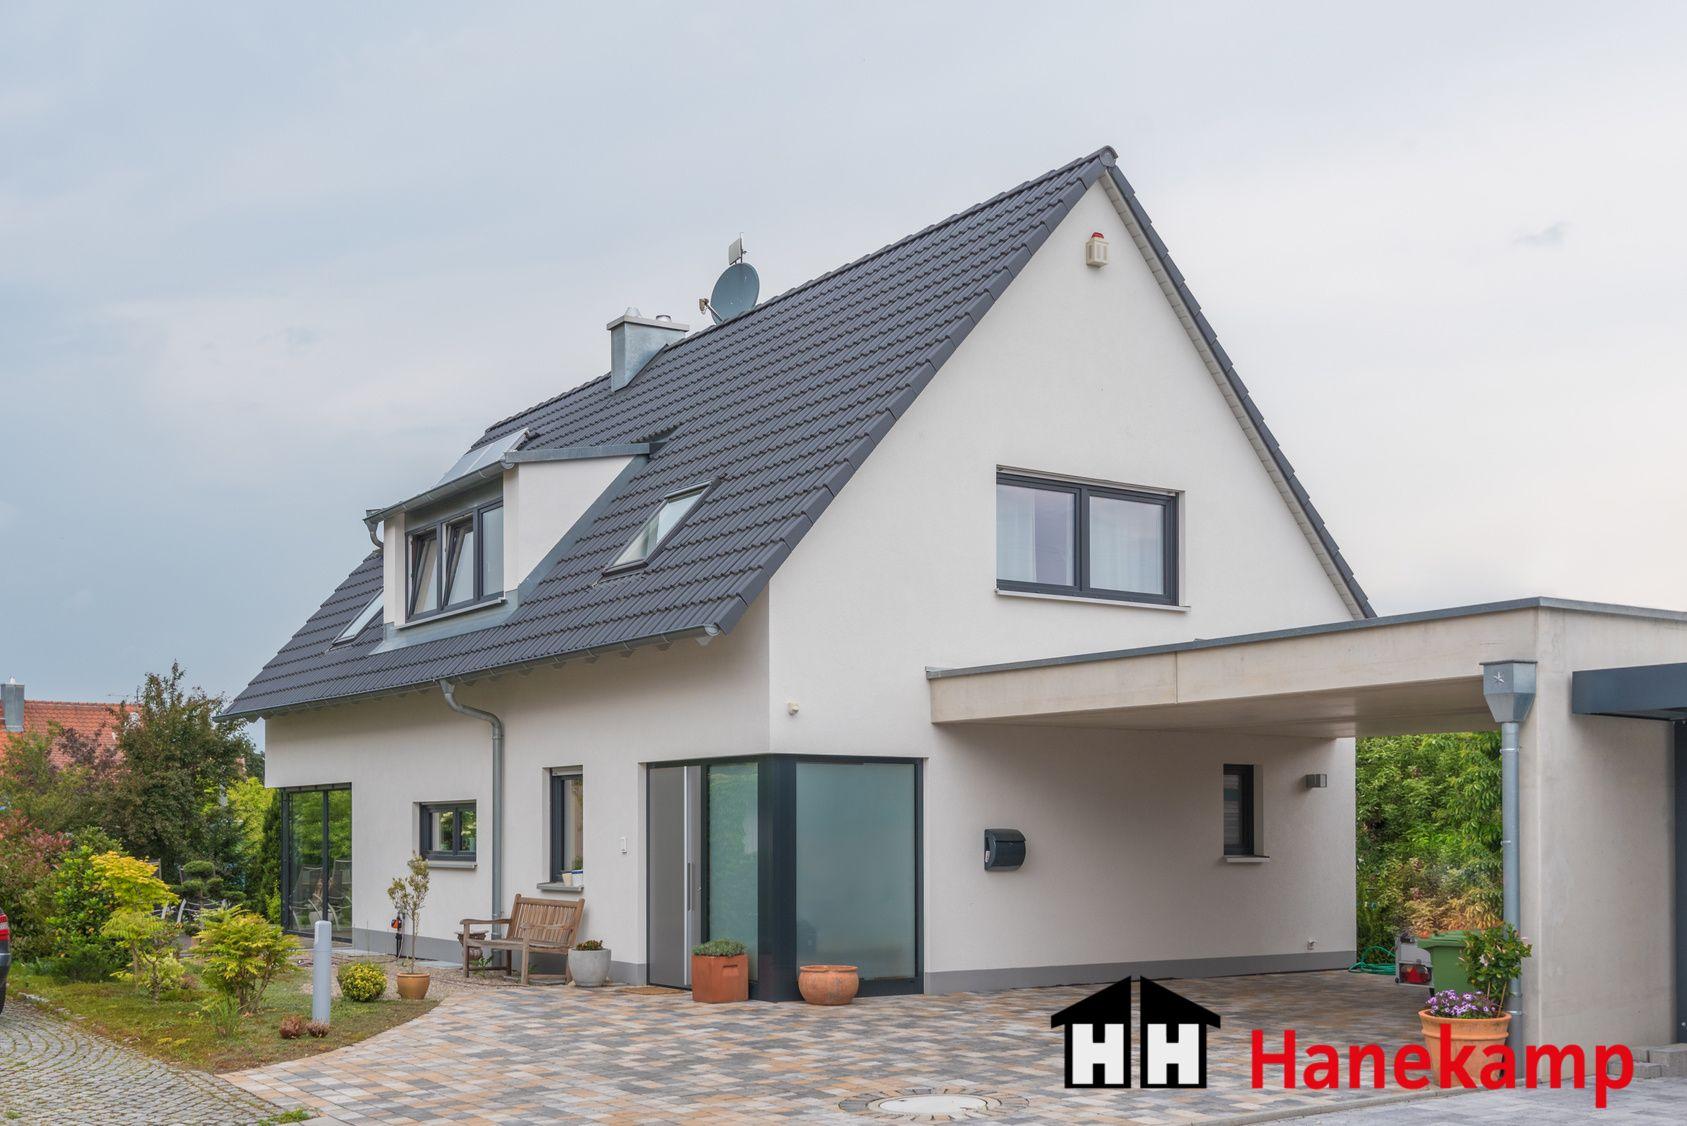 Pin von Hanekamp E. auf Einfamilienhäuser Haus, Carport